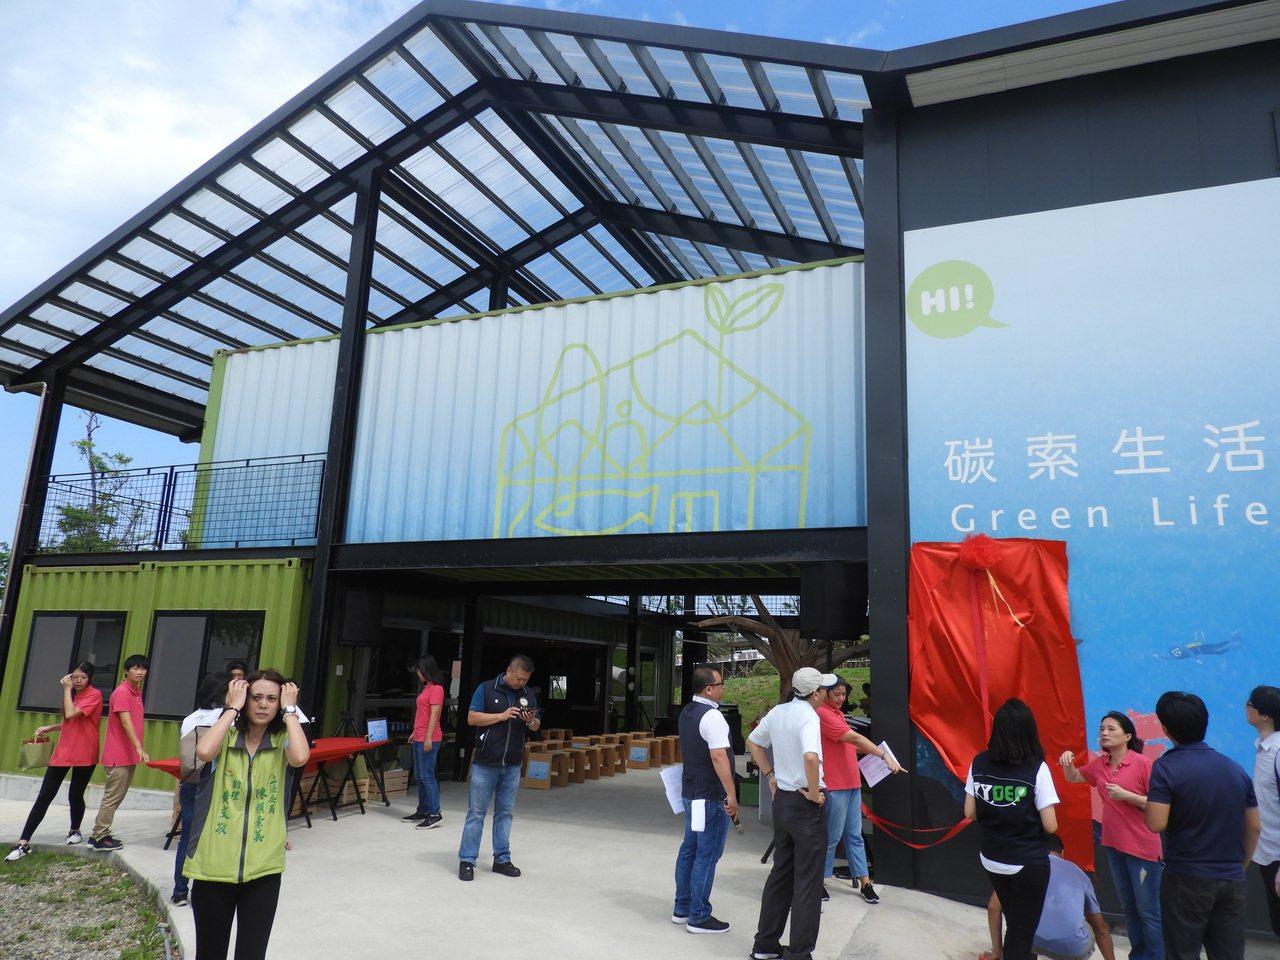 「農博環境教育園區-碳索生活館」以二手貨櫃為基本架構,展示品全來自環保回收用材質...